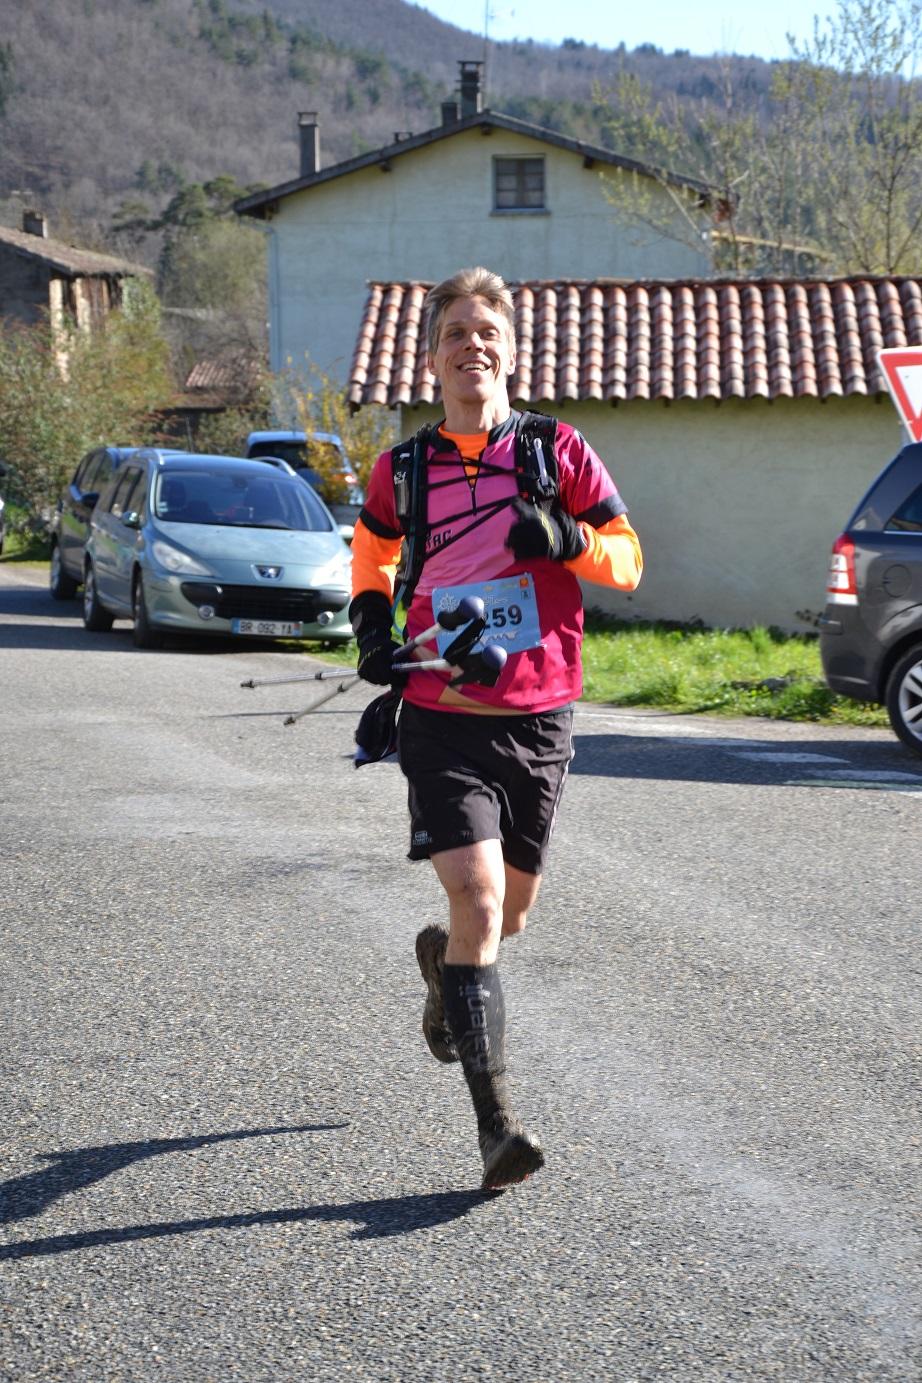 29-Steph' arrive au 2ème ravito, au 31ème km